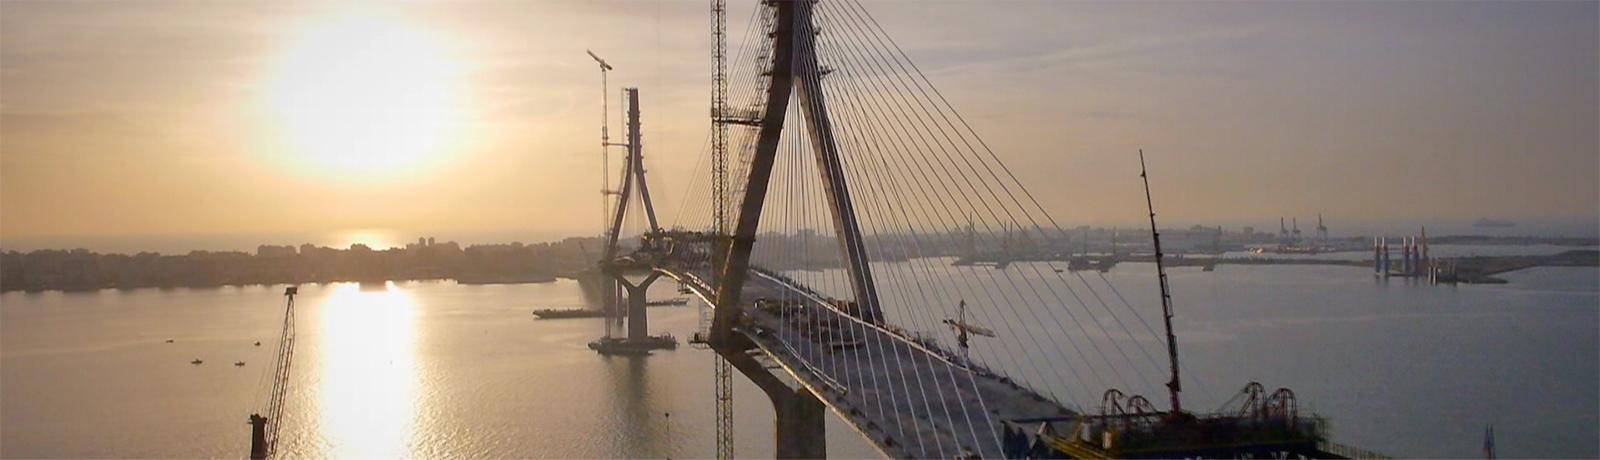 proyecto-aereo-puente-de-la-pepa-cadiz